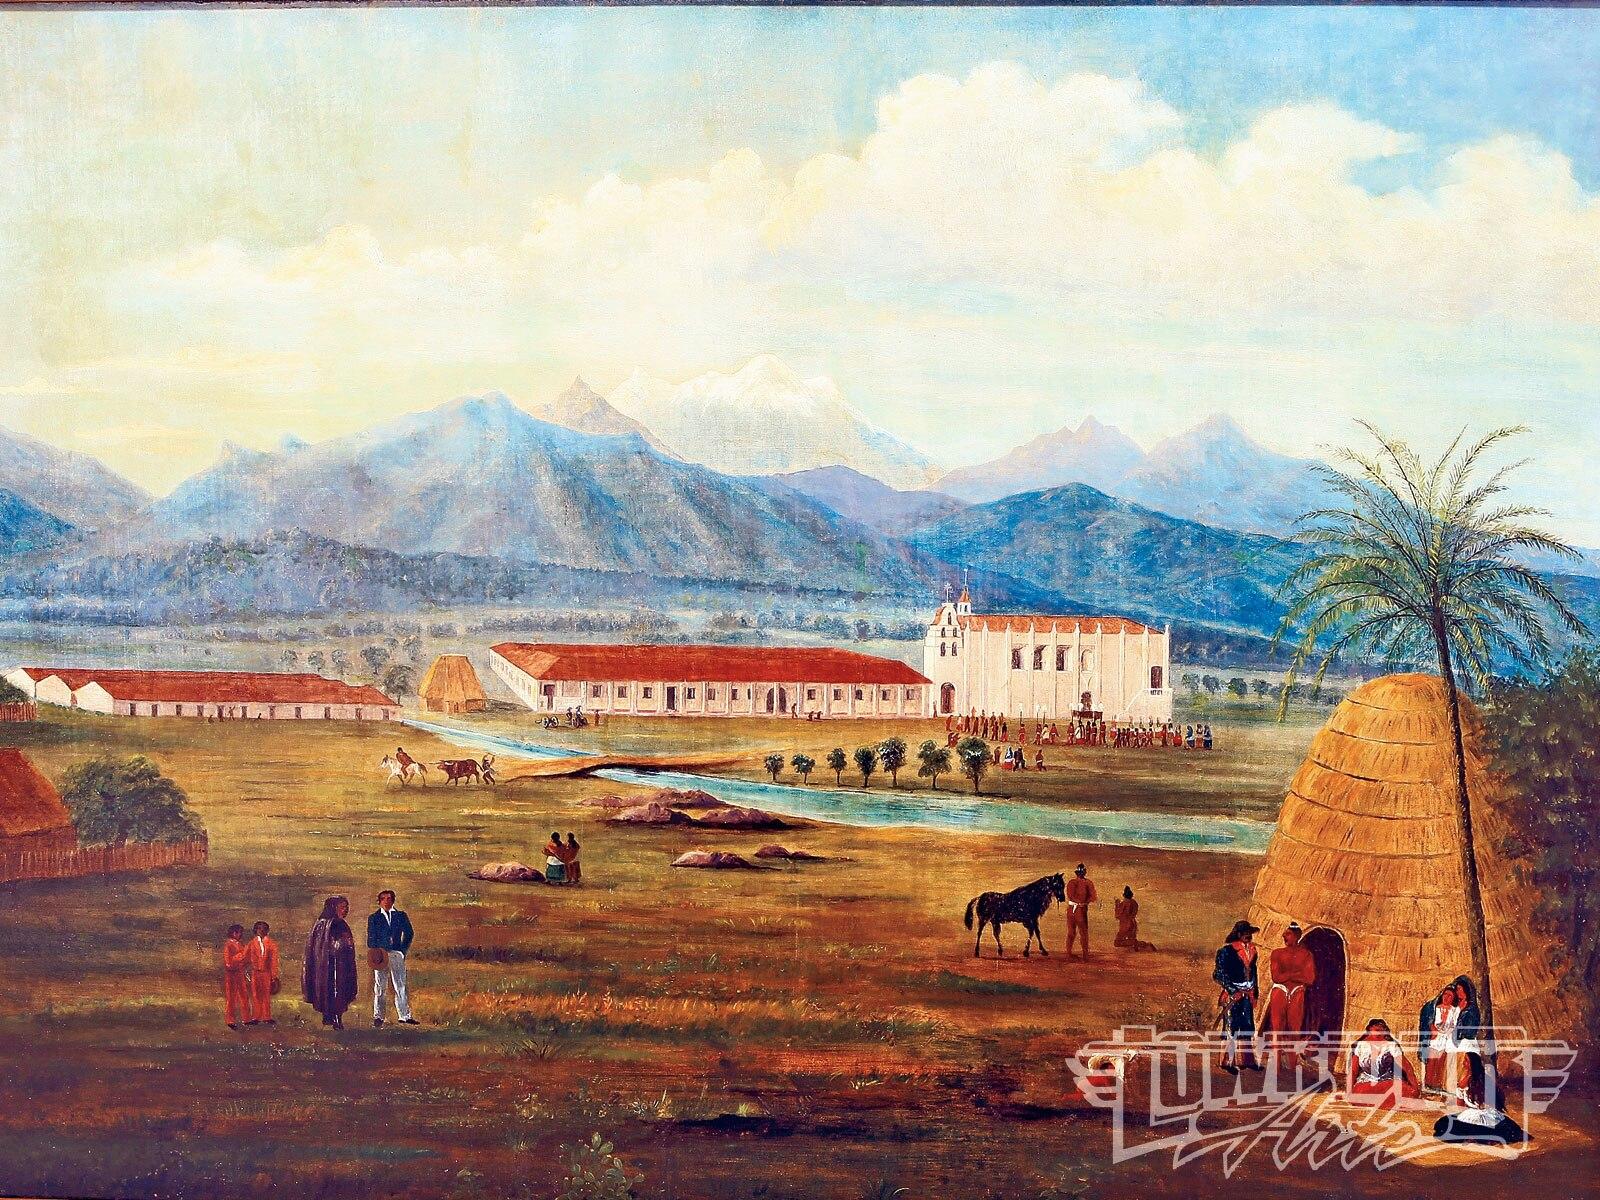 1109-lras-23-o-LA-plaza-de-cultura-y-artes-painting2